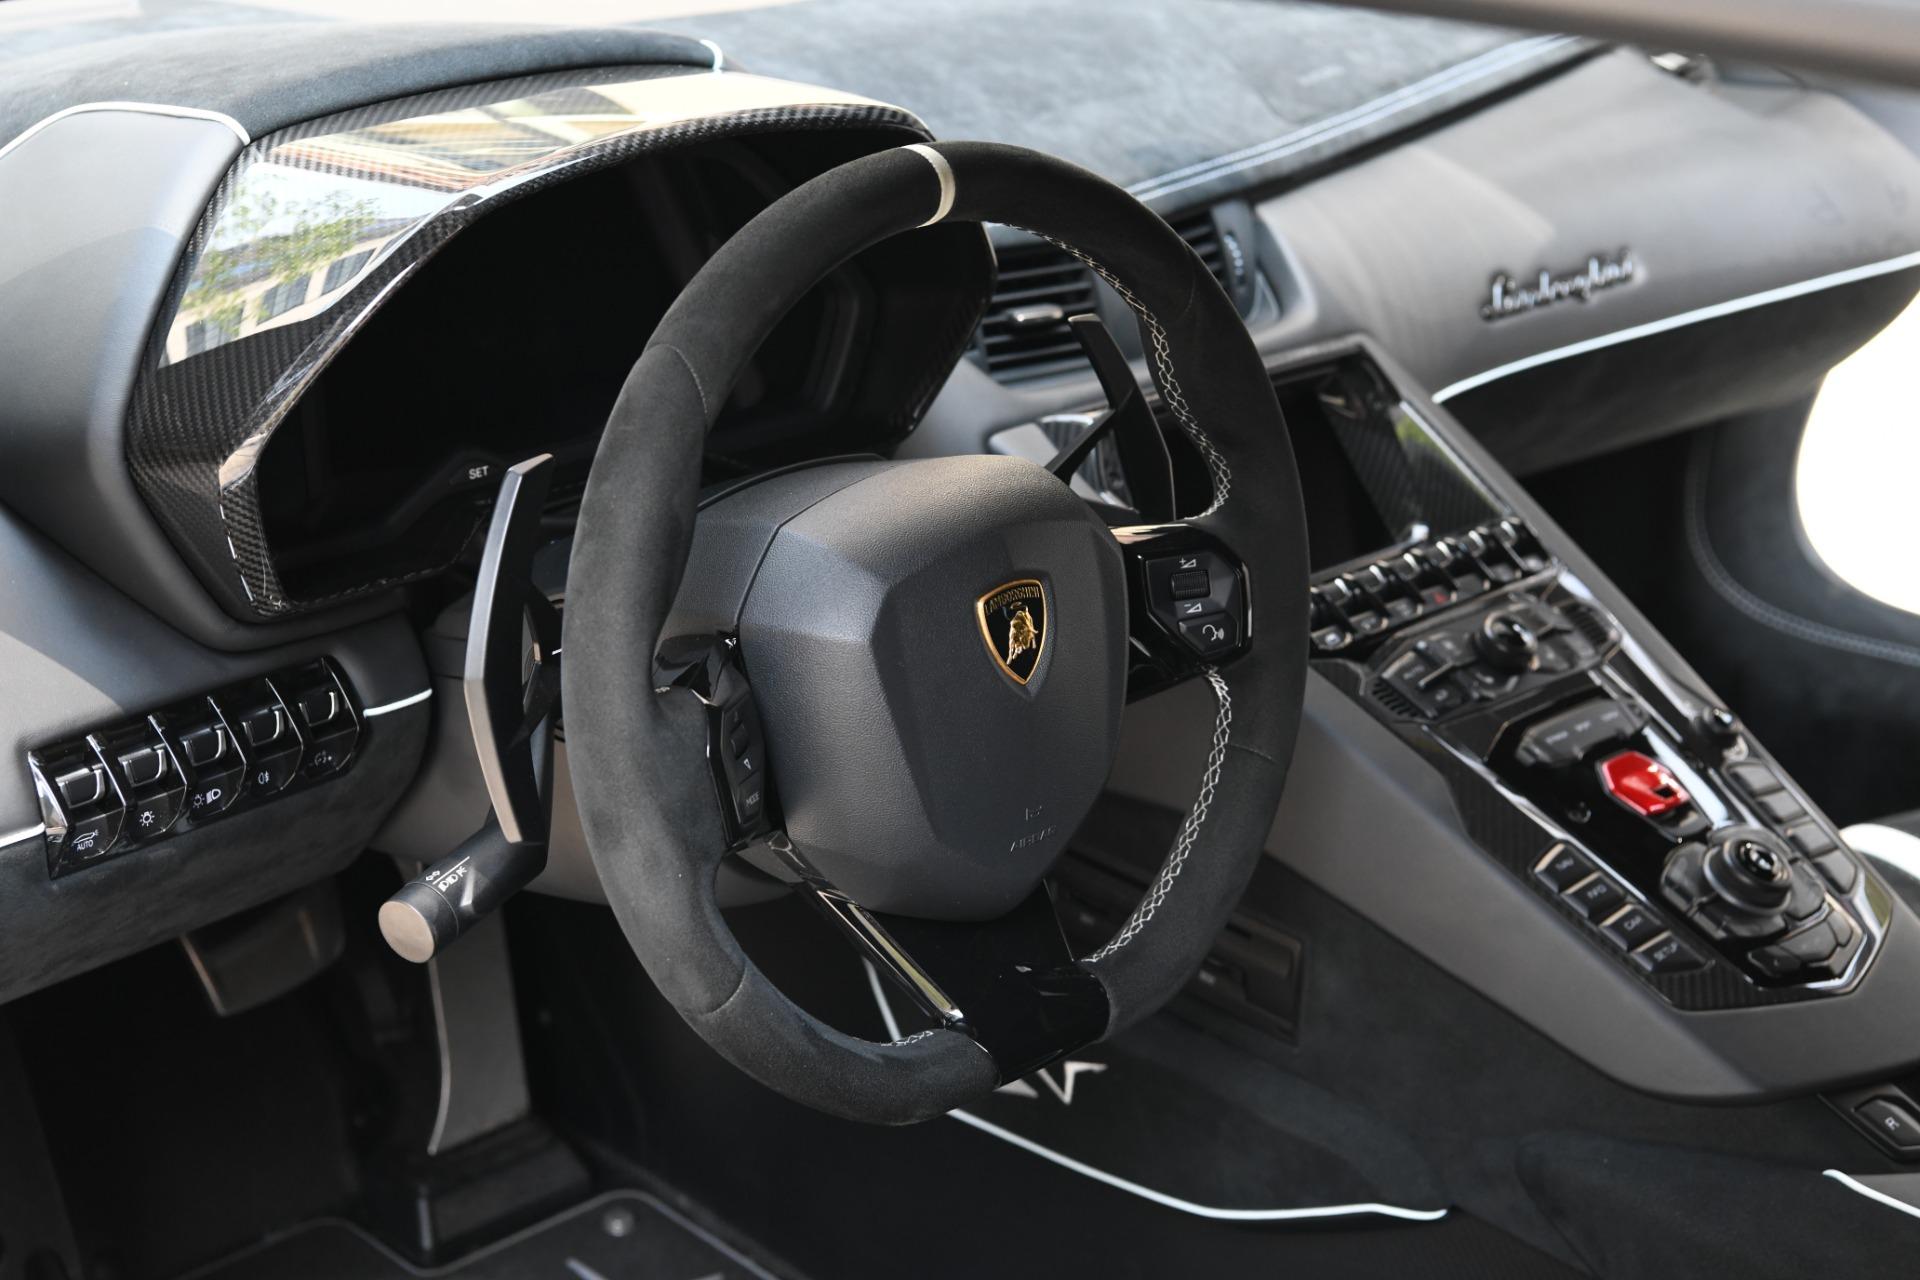 Used 2017 Lamborghini Aventador SV LP 750-4 SV | Chicago, IL